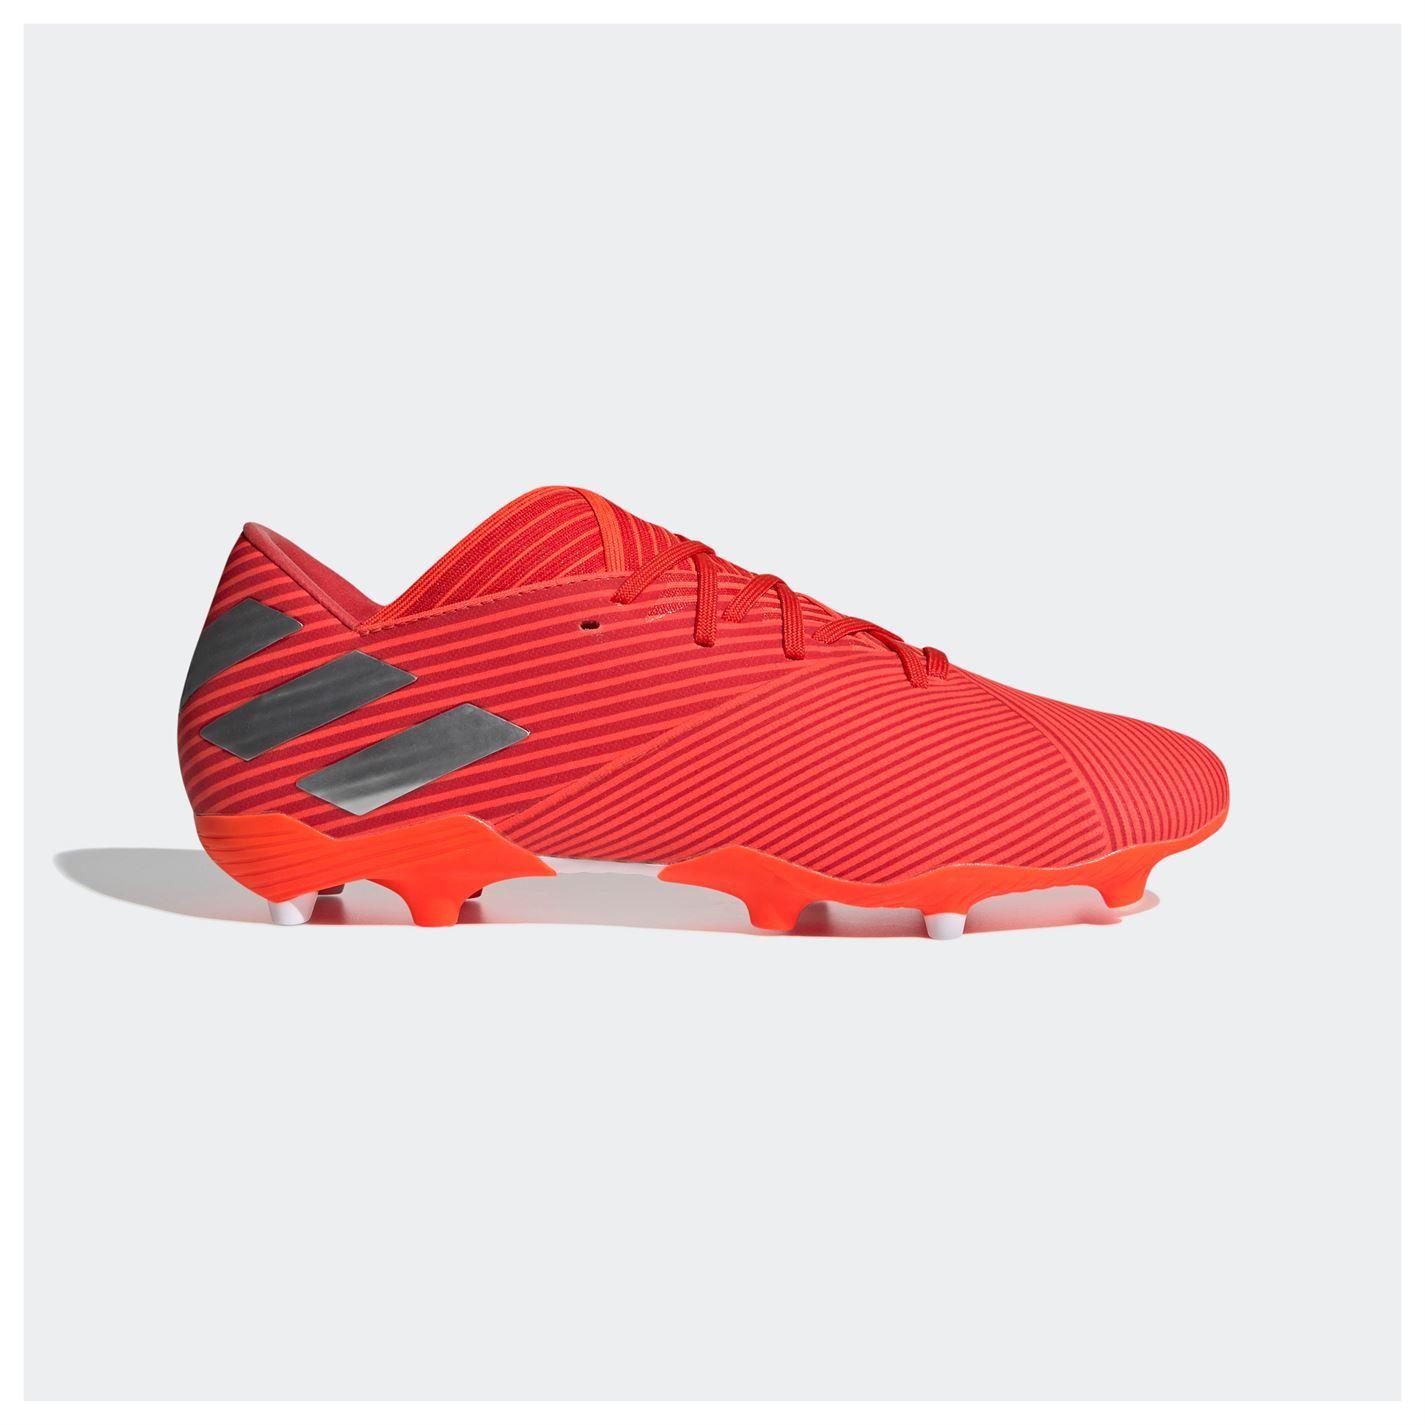 Adidas-nemeziz-19-2-Firm-Ground-FG-Chaussures-De-Football-Hommes-Soccer-Crampons-Chaussures miniature 15